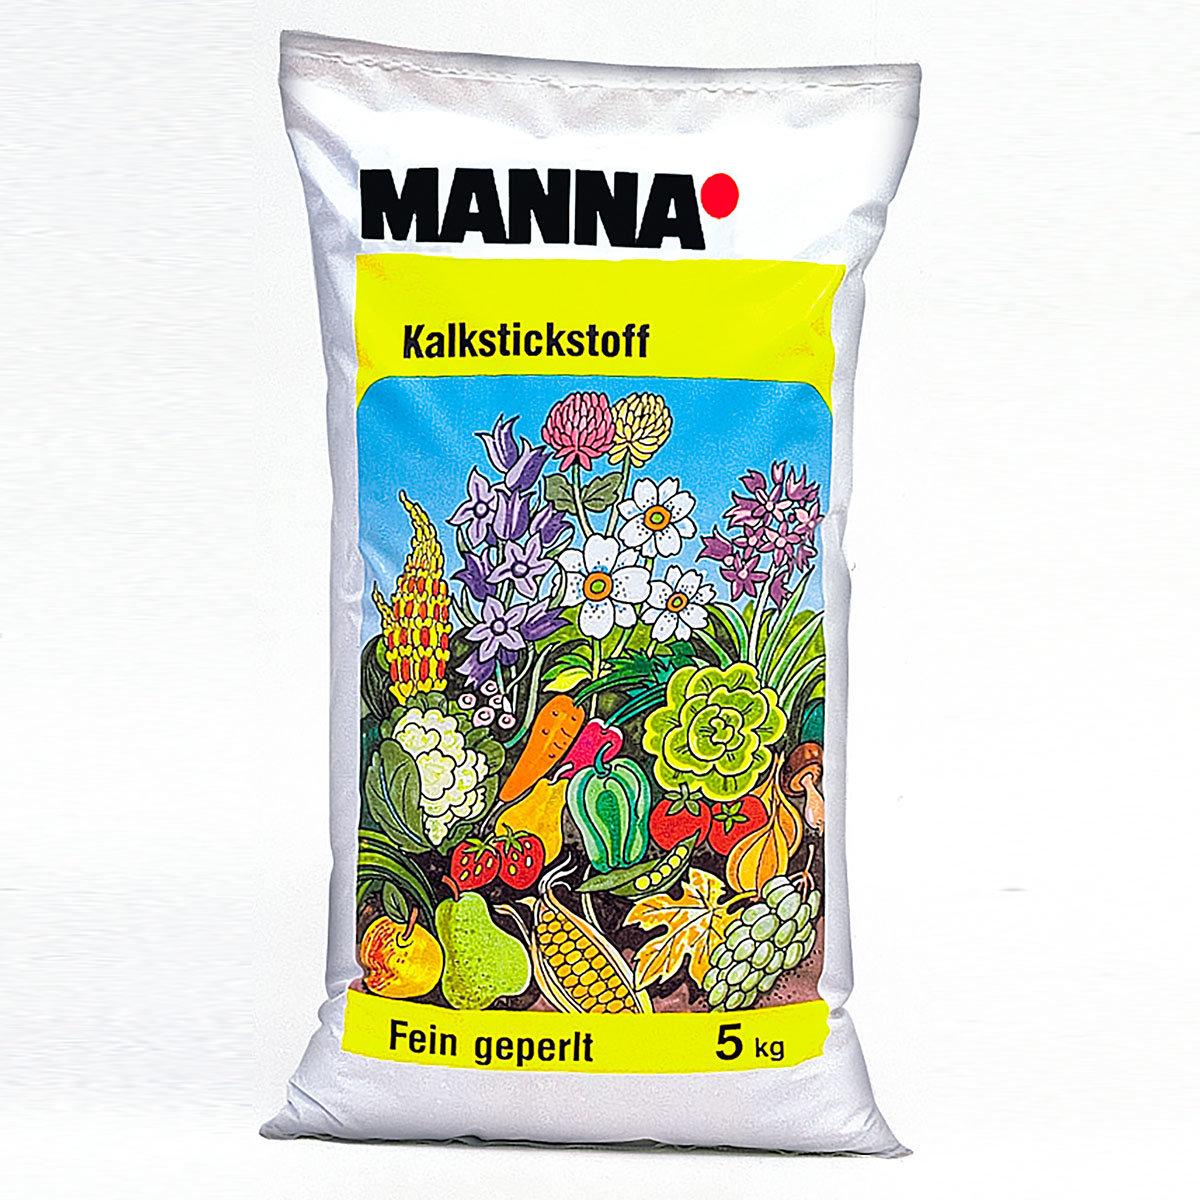 Manna Kalkstickstoff, 5 kg